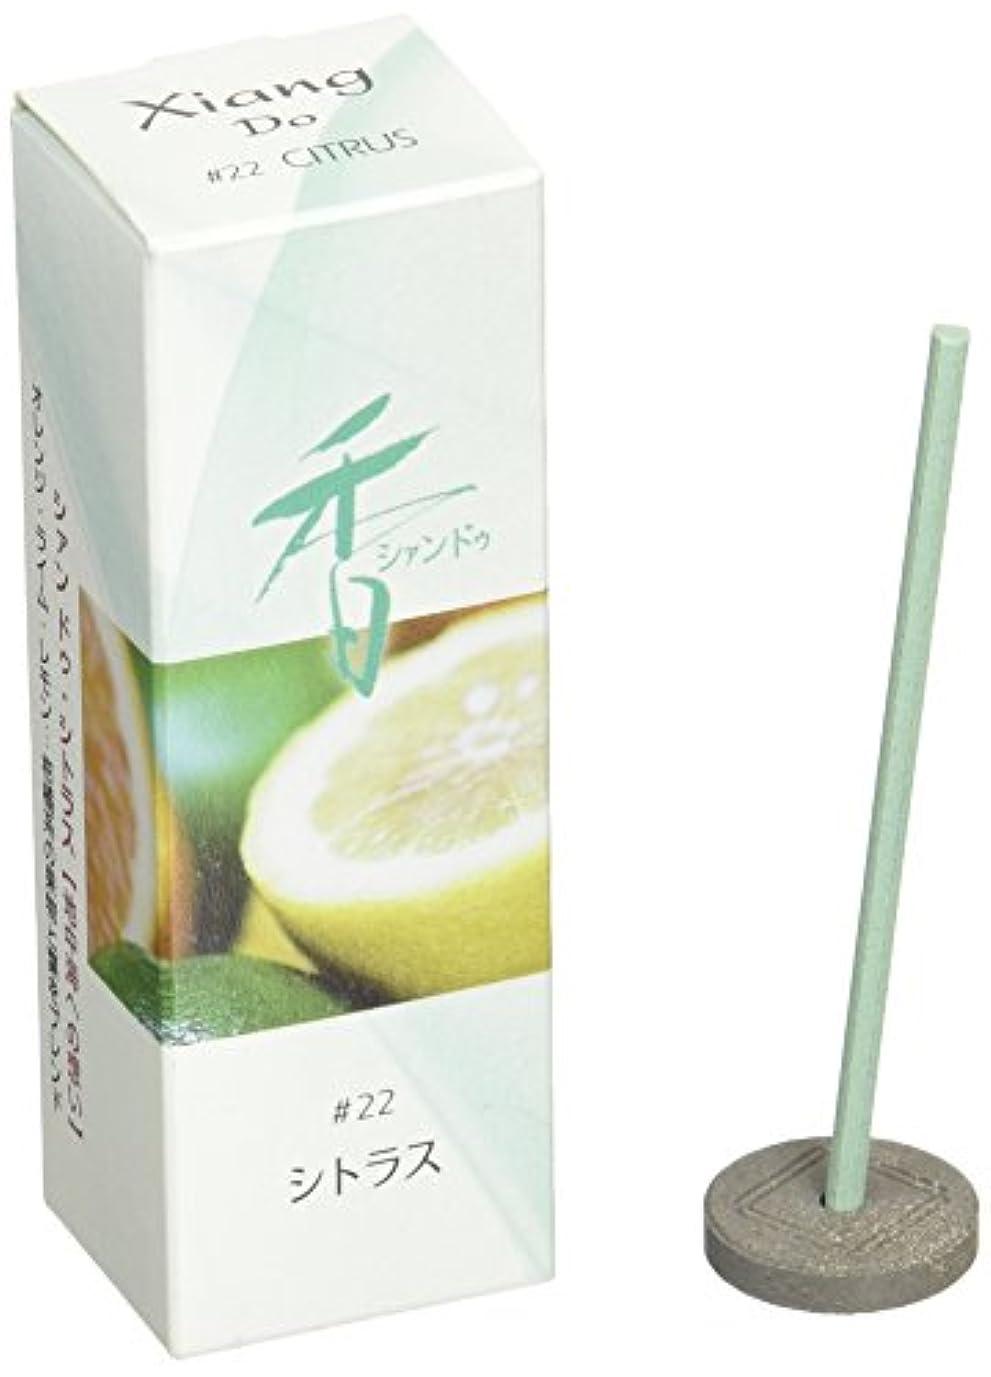 助けになる取るブレーク松栄堂のお香 Xiang Do(シャンドゥ) シトラス ST20本入 簡易香立付 #214222